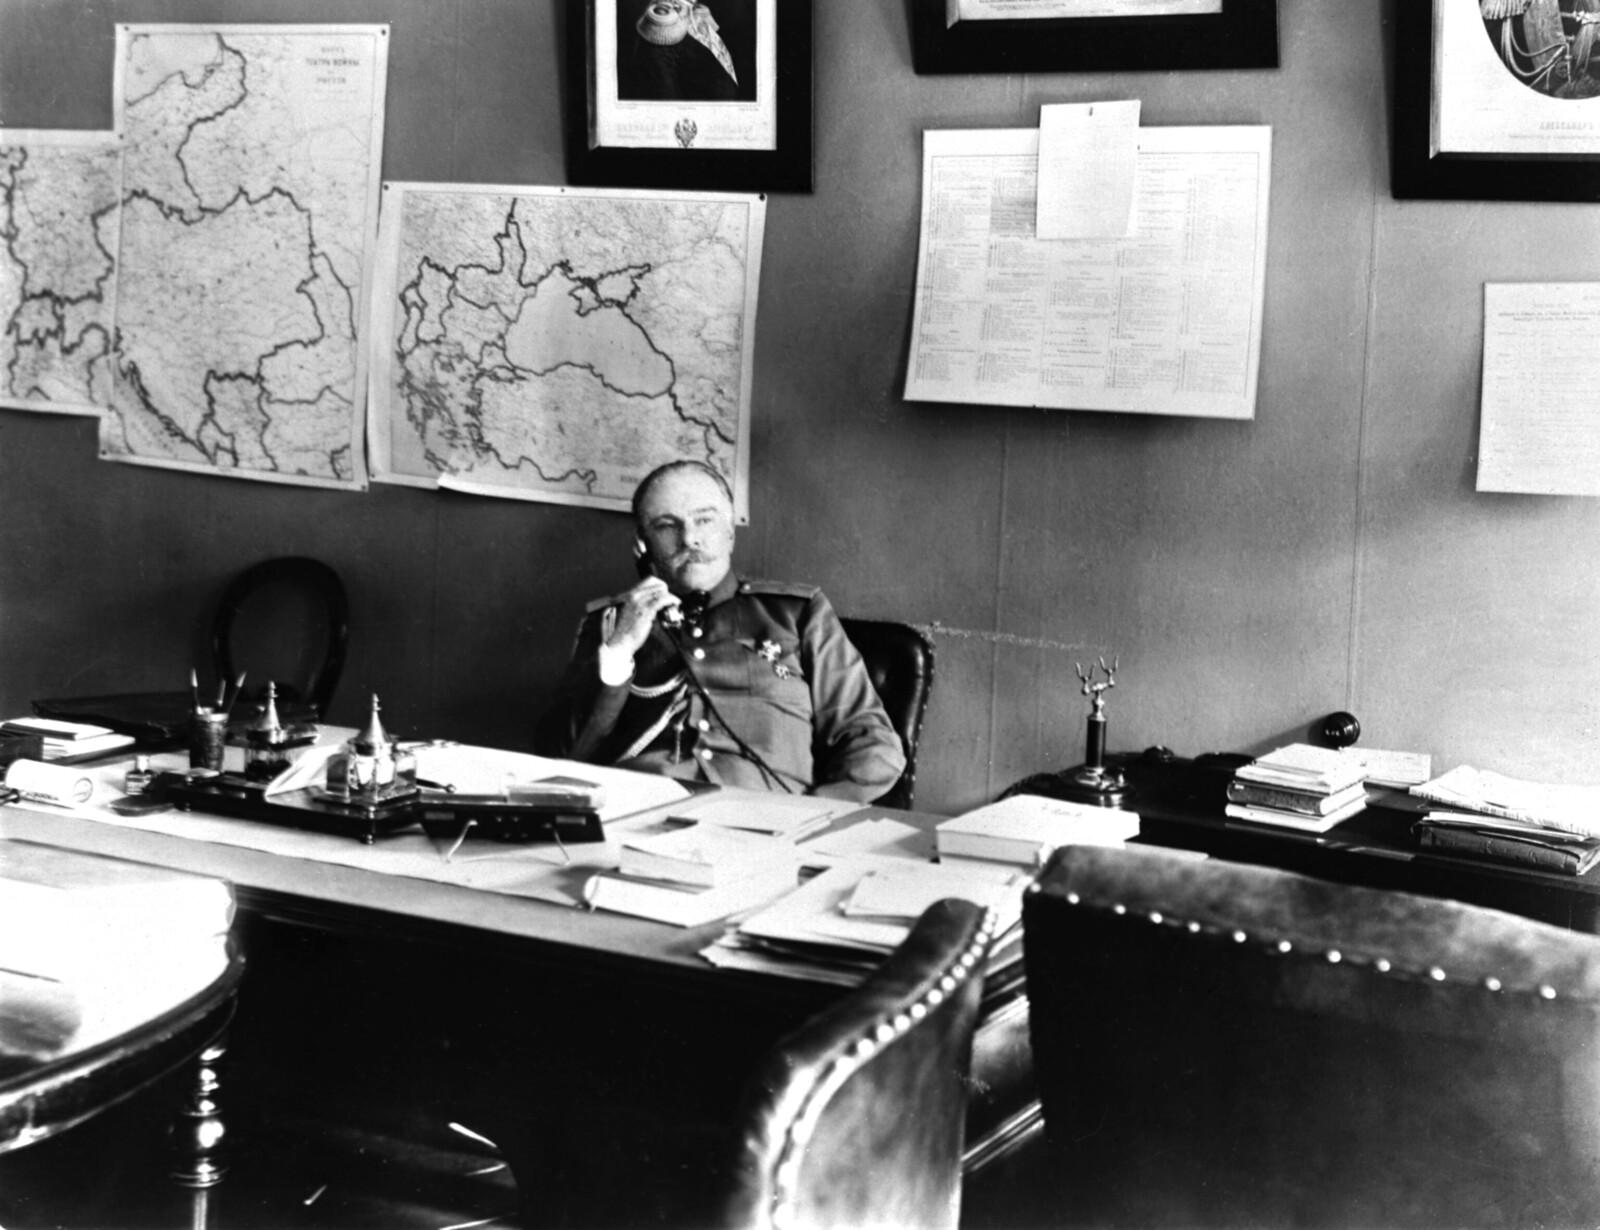 1909. Товарищ министра внутренних дел Российской империи генерал-майор П.Г. Курлов в своём рабочем кабинете